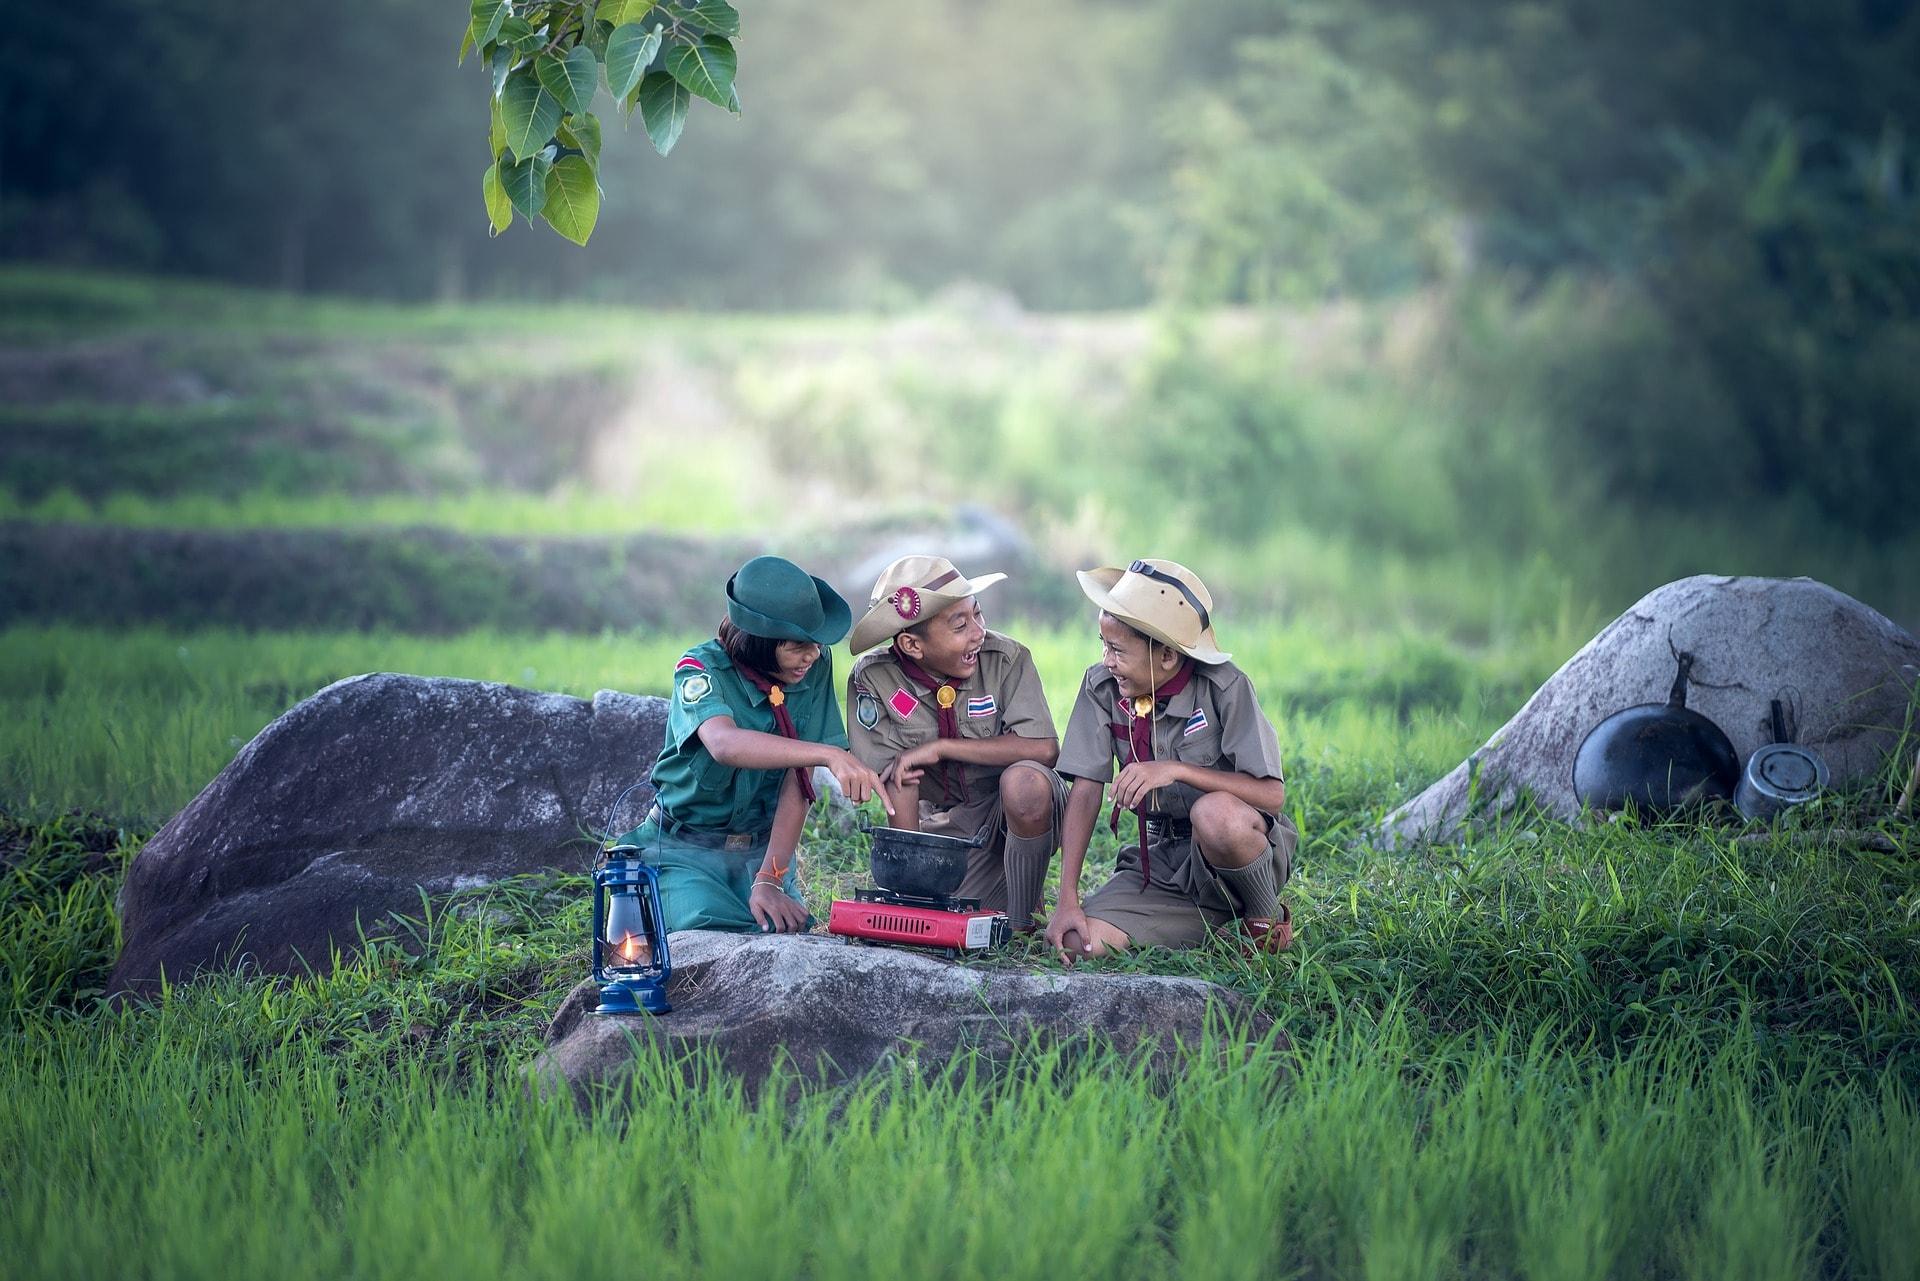 I campi estivi per bambini rappresentano un'ottima occasione per far vivere un'esperienza unica ai bambini non solo dal punto di vista ludico, ma anche per quanto riguarda il valore educativo. Vediamo, quindi, tutti i vantaggi che tali Campi offrono